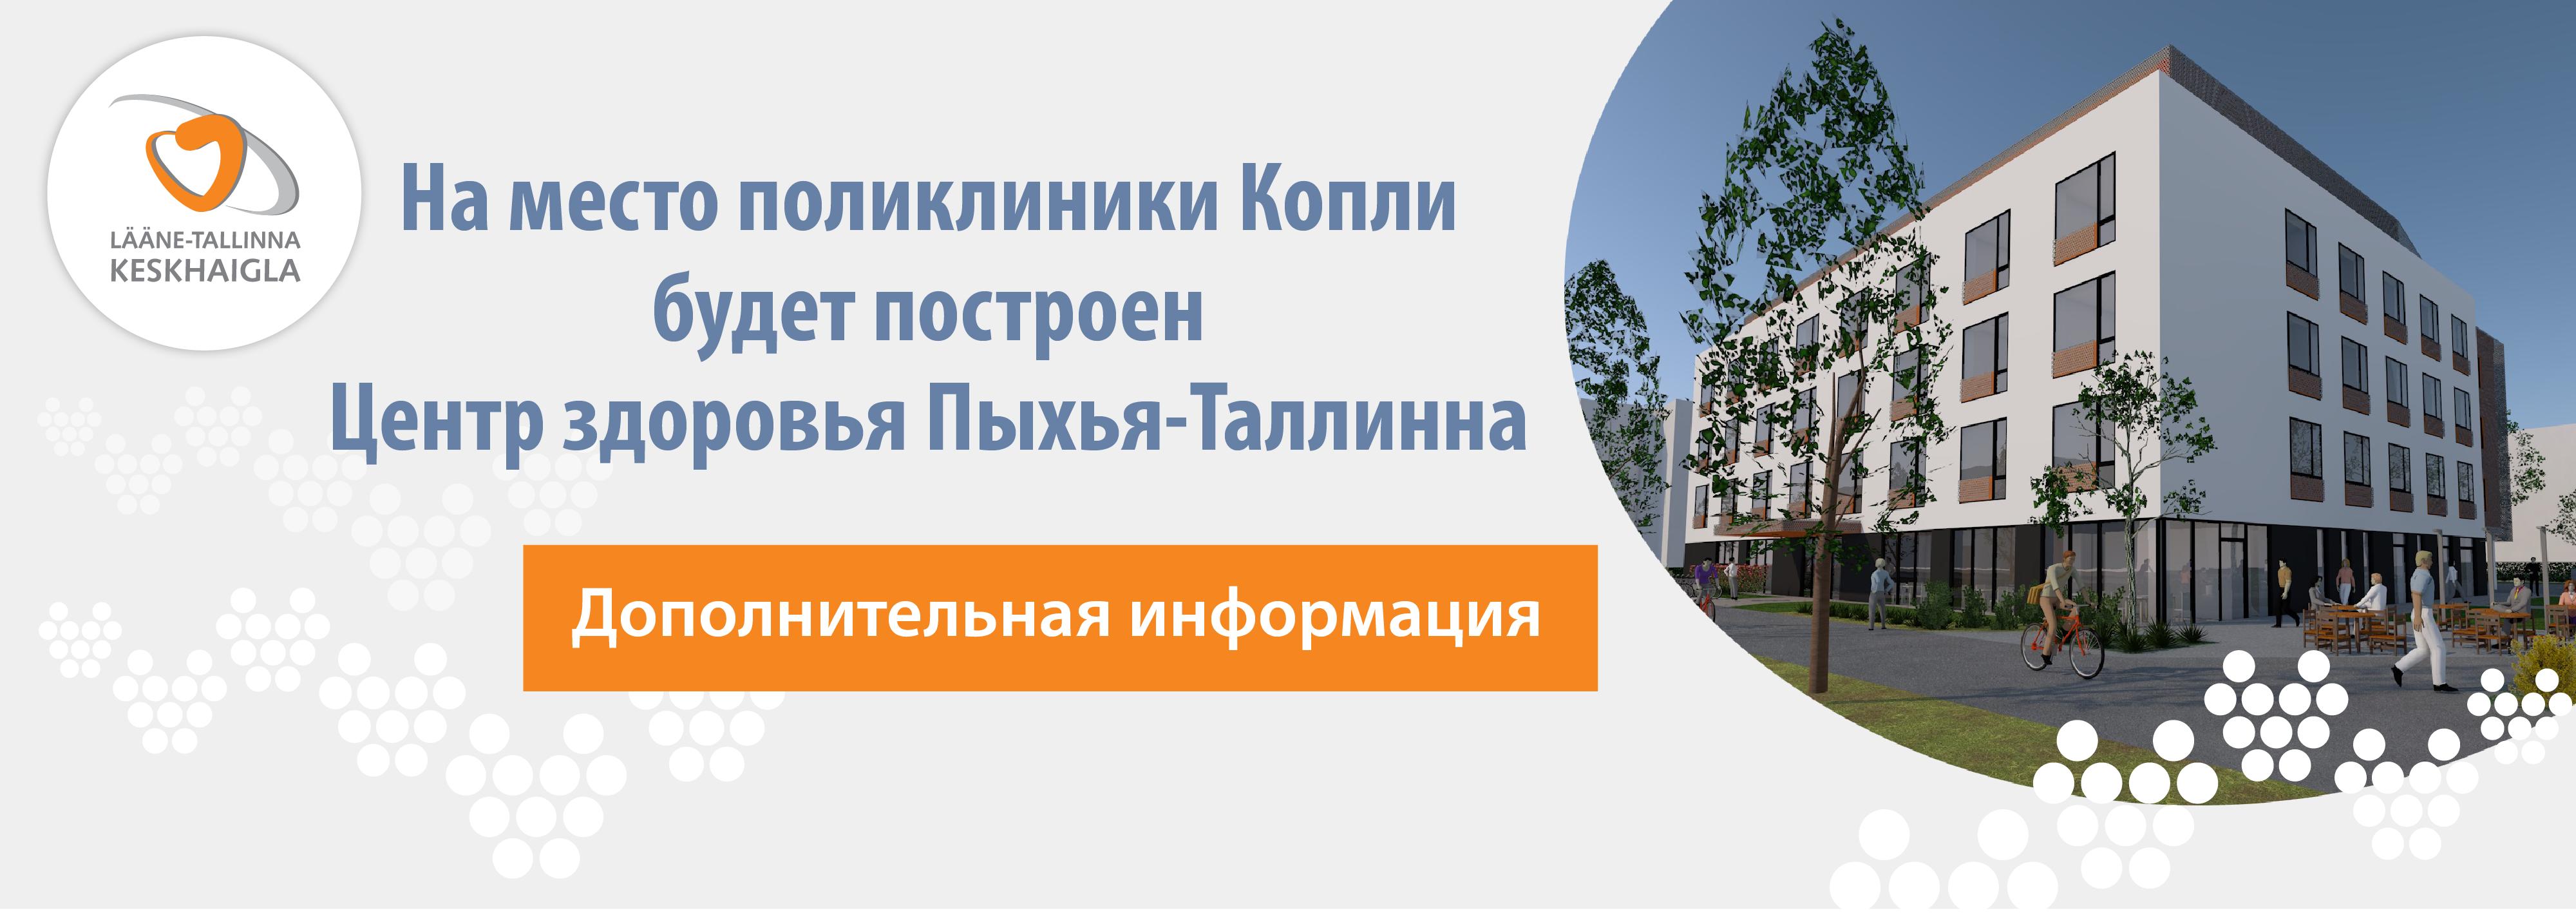 slider_kopli_uus-tervisekeskus-RUS